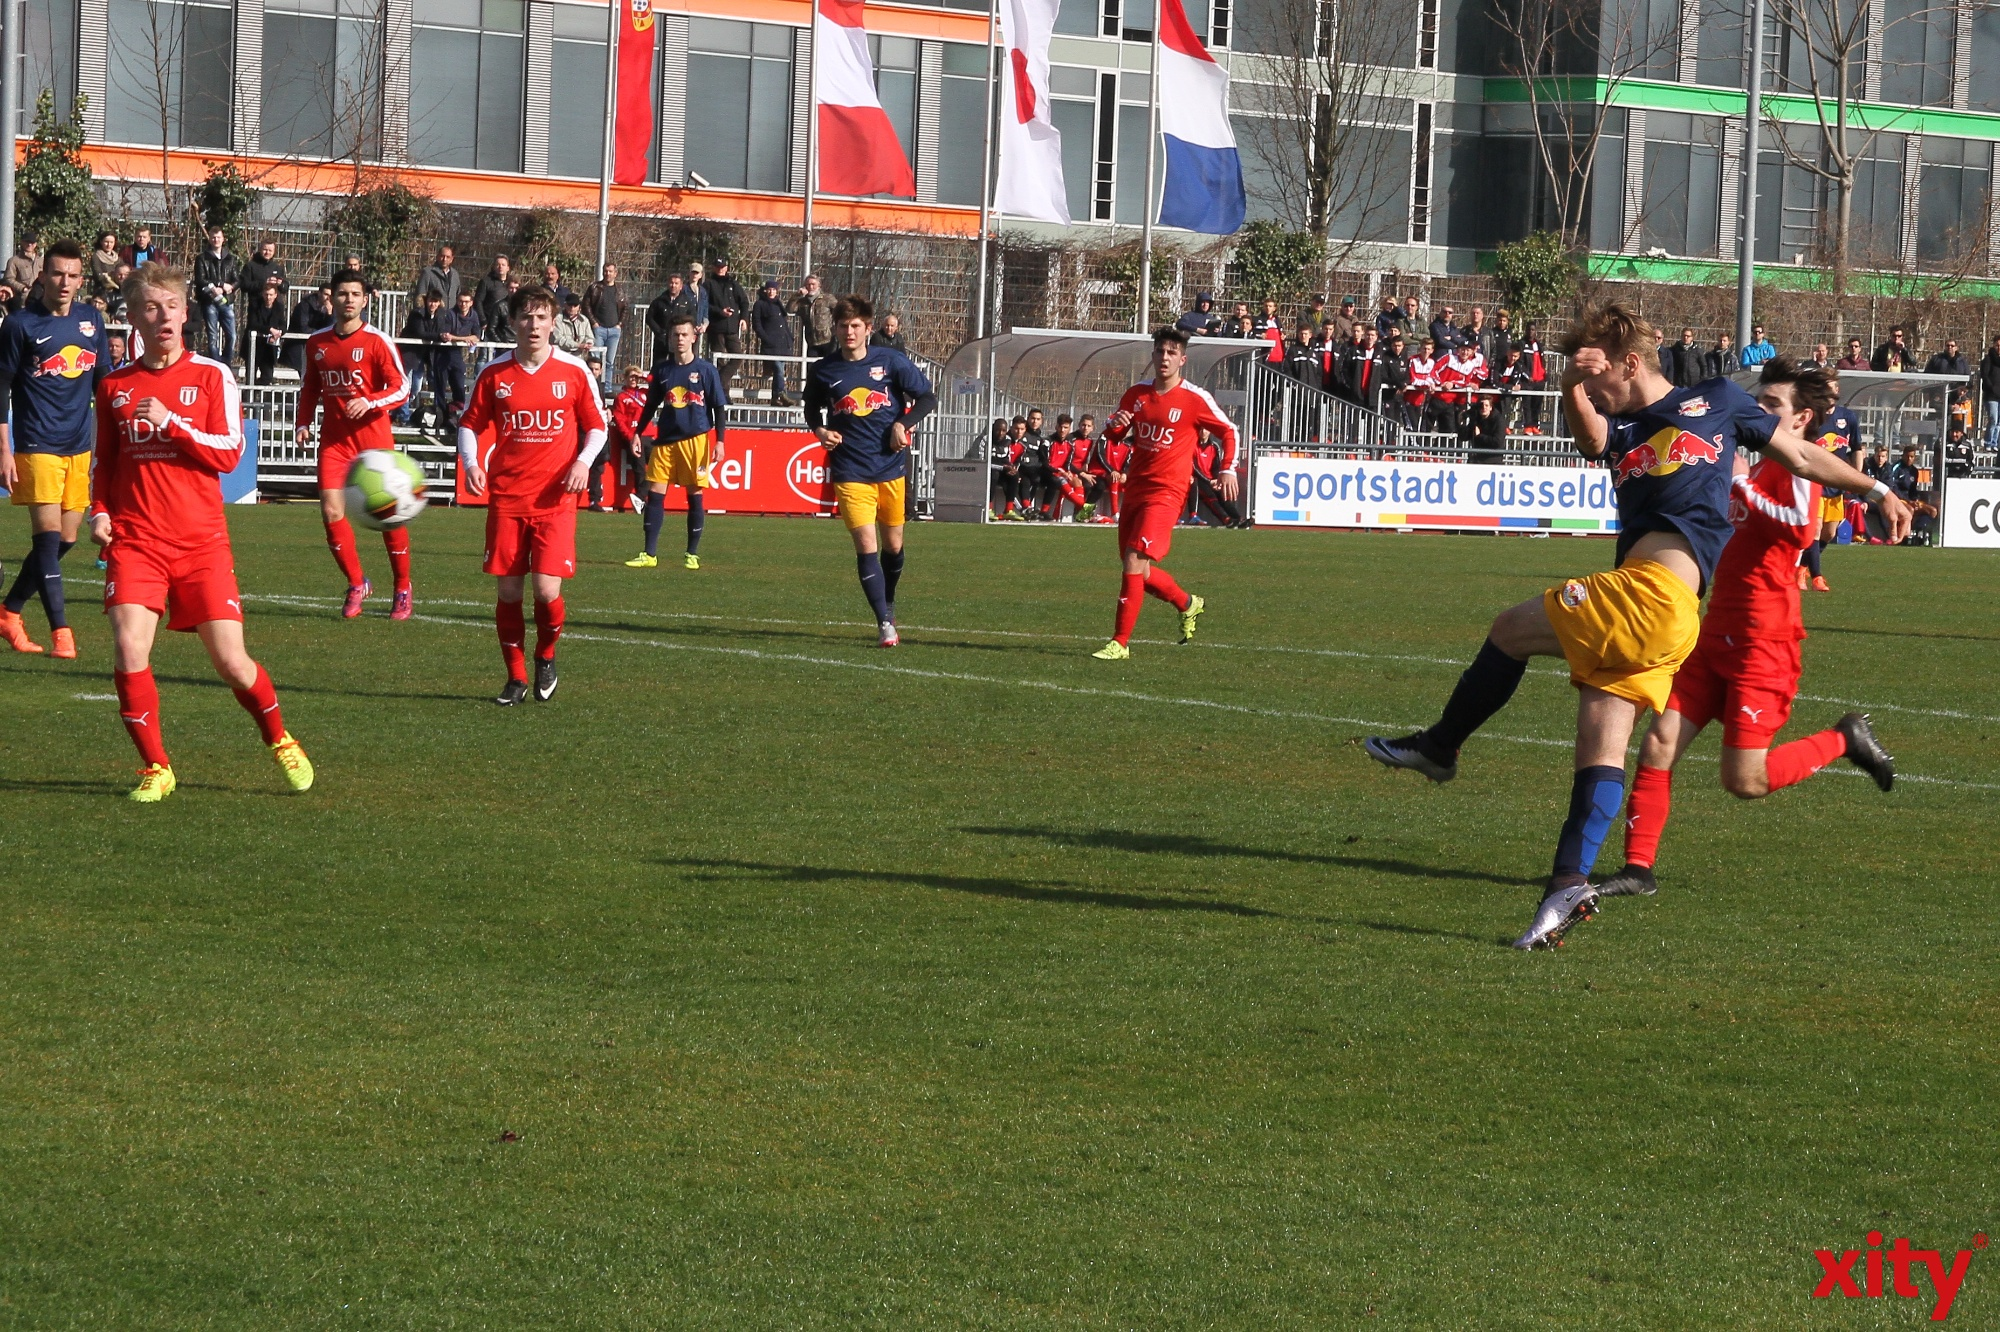 Insgesamt kamen über 7000 Zuschauer zu den vier Spieltagen (Foto: xity)